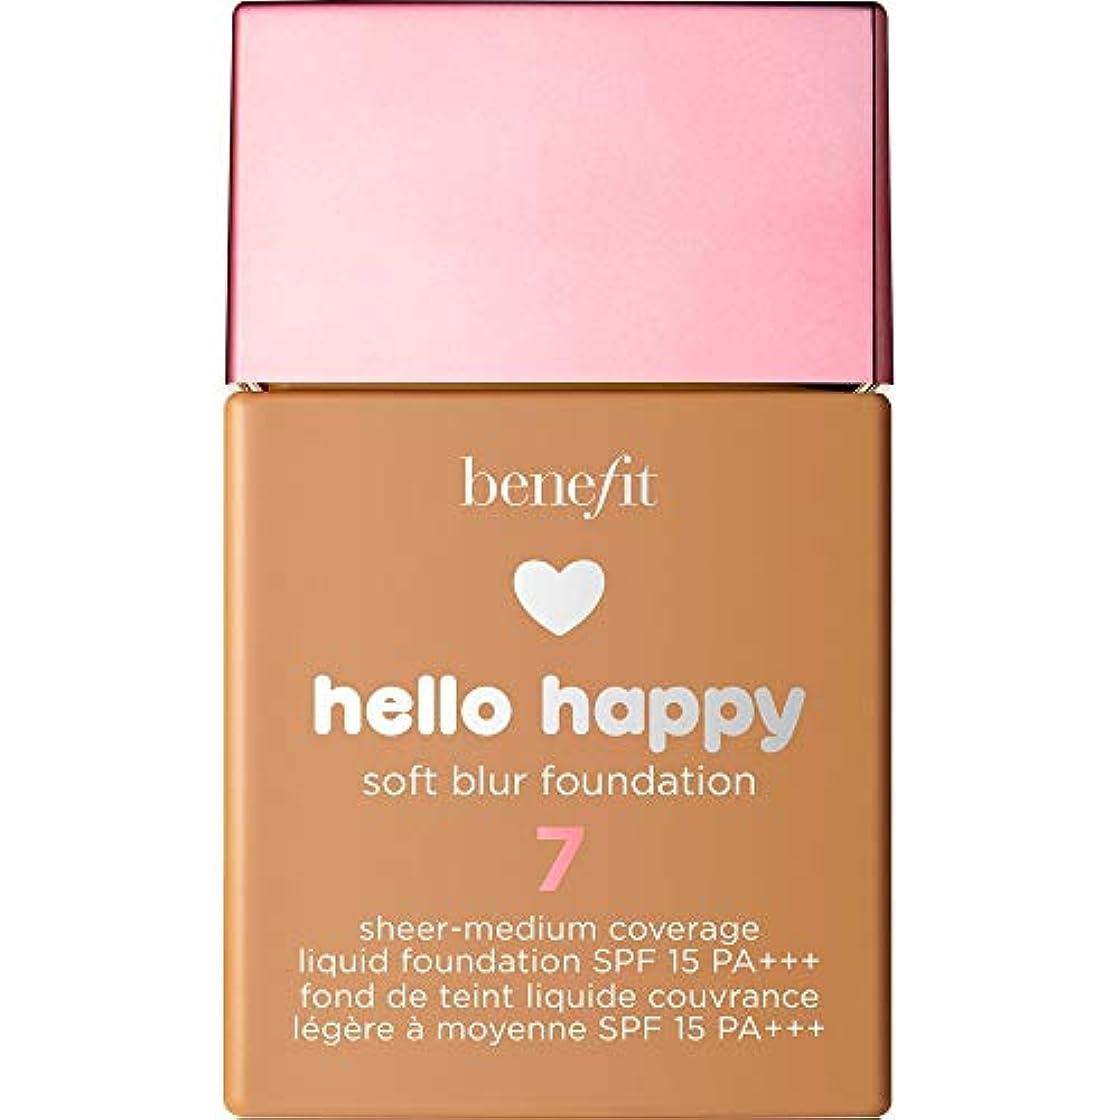 薄暗い不十分な沈黙[Benefit ] 利益こんにちは幸せなソフトブラー基礎Spf15 30ミリリットル7 - 中規模たん暖かいです - Benefit Hello Happy Soft Blur Foundation SPF15 30ml...